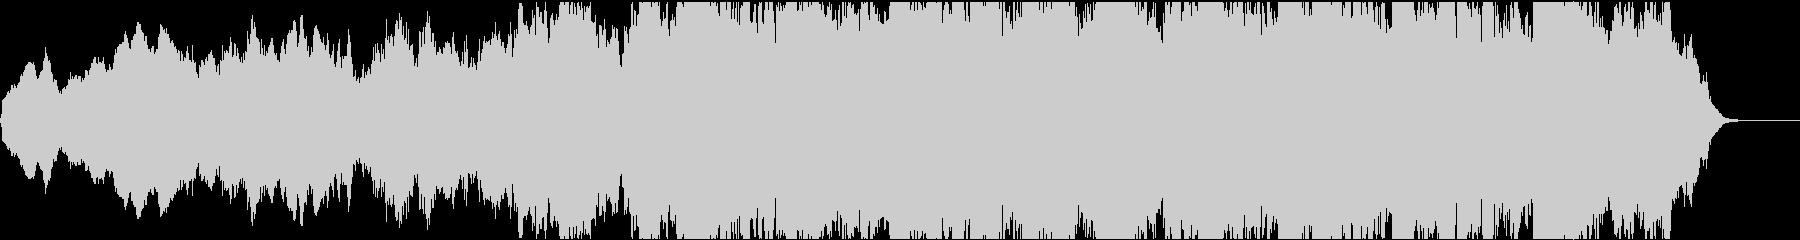 ドラマ7 24bit44.1kHzVerの未再生の波形